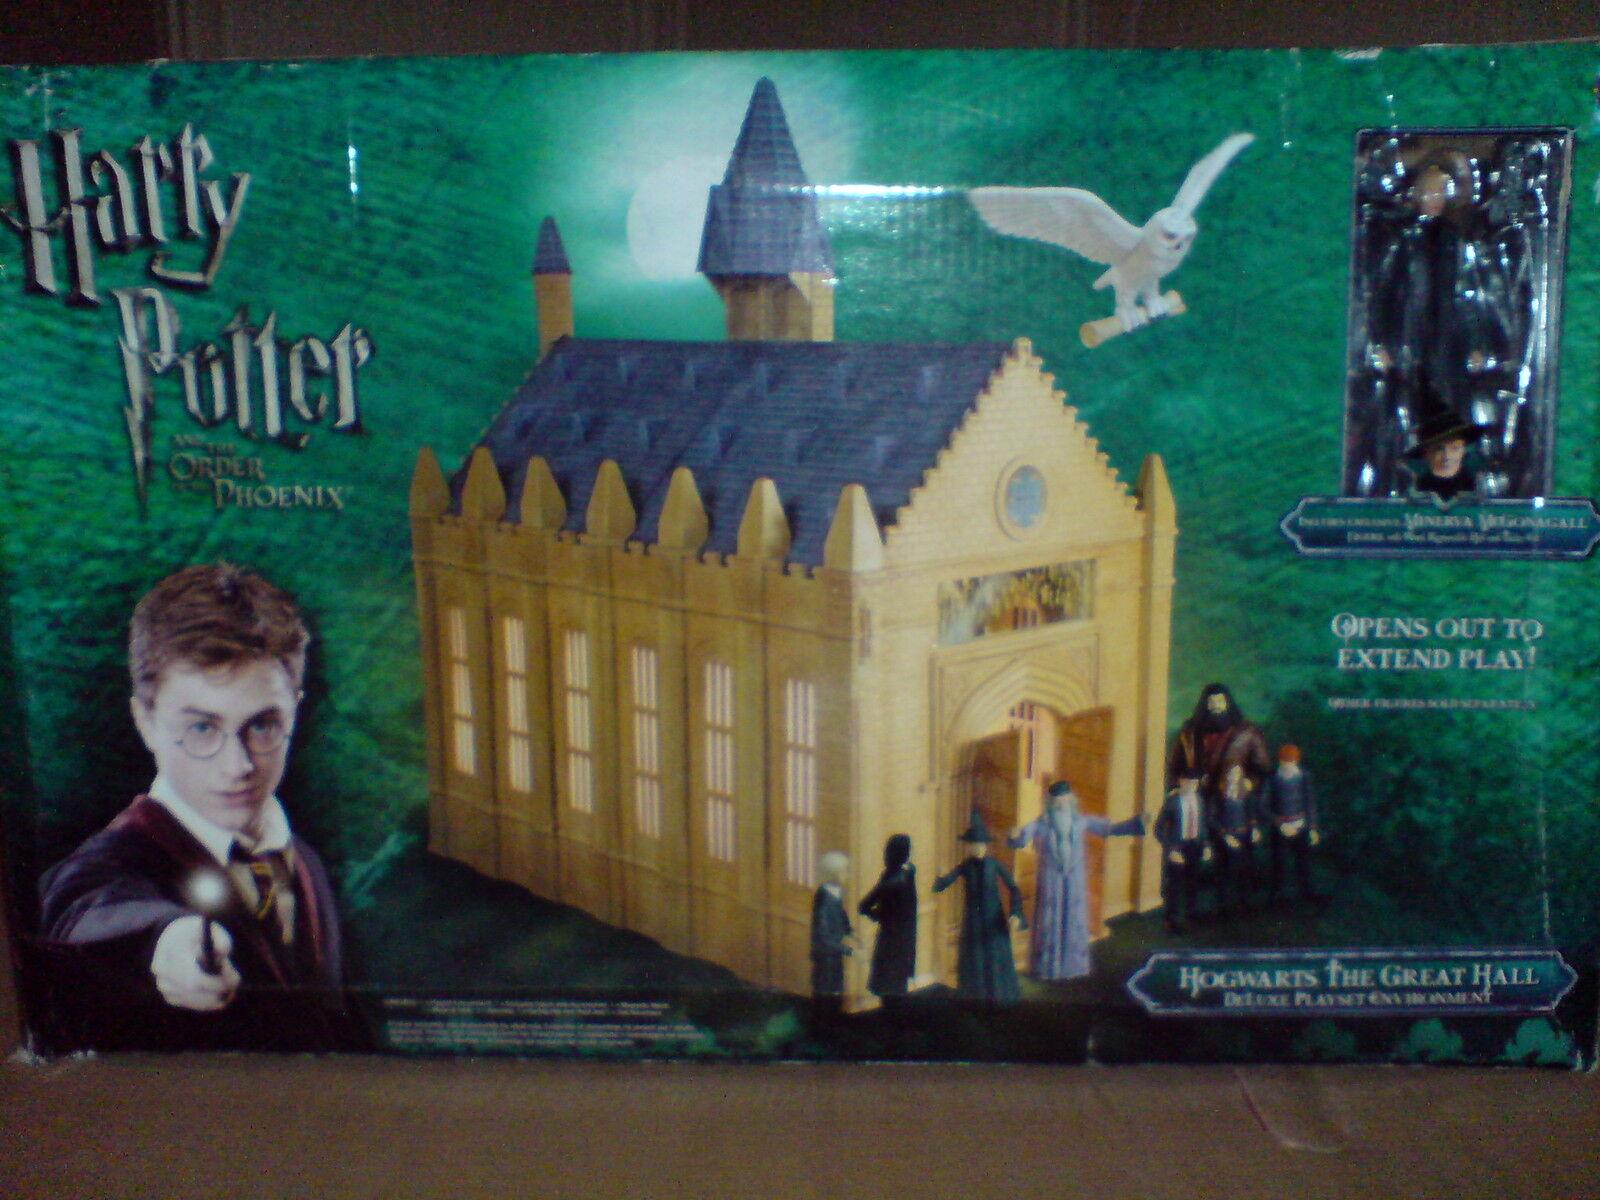 Harry Potter y la Orden del Fénix Hogwarts el gran salón Nuevo